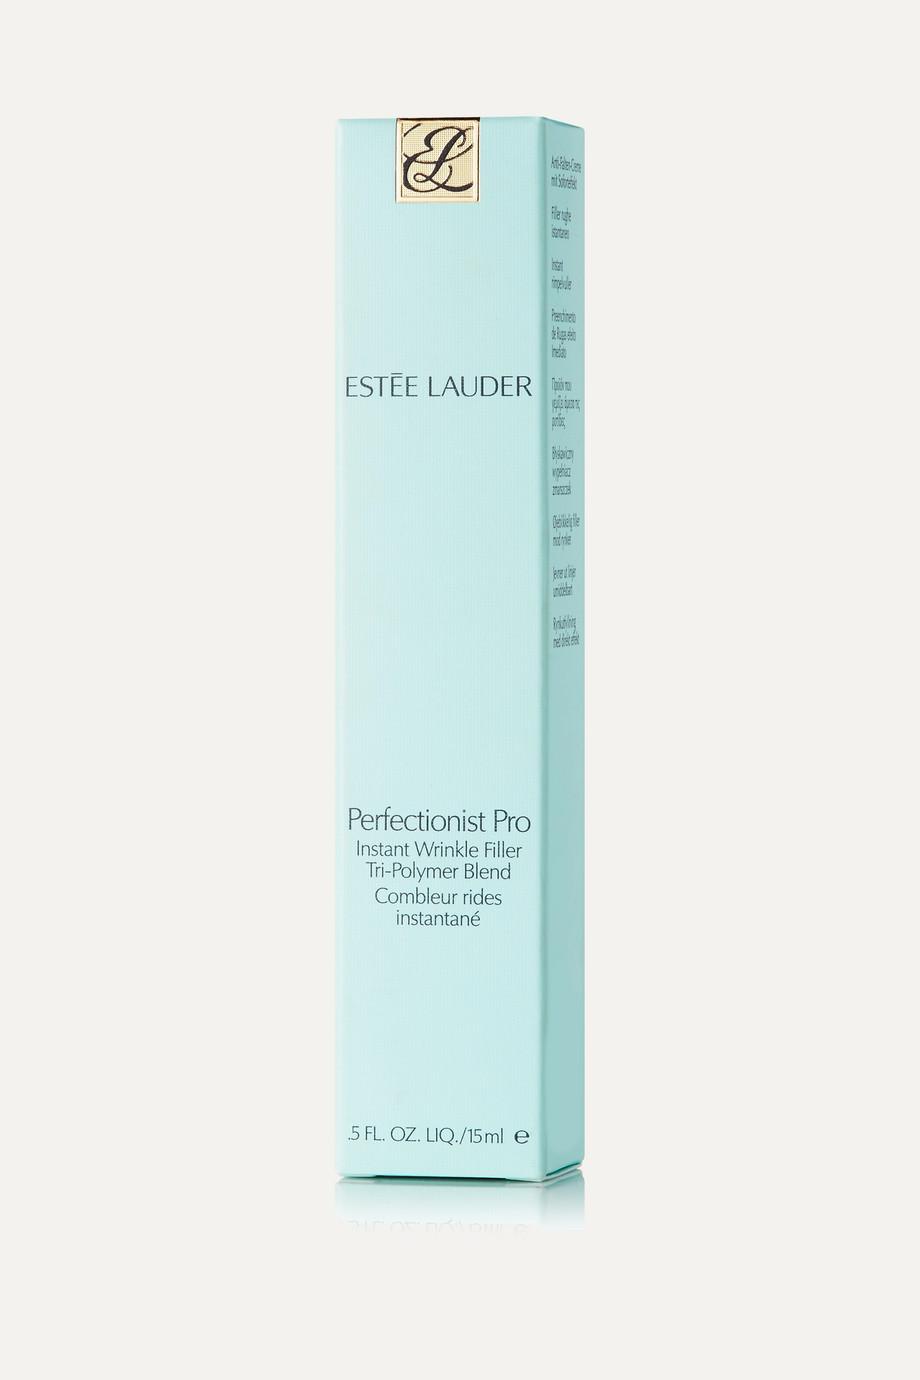 Estée Lauder Perfectionist Pro Instant Wrinkle Filler with Tri-Polymer Blend, 15ml